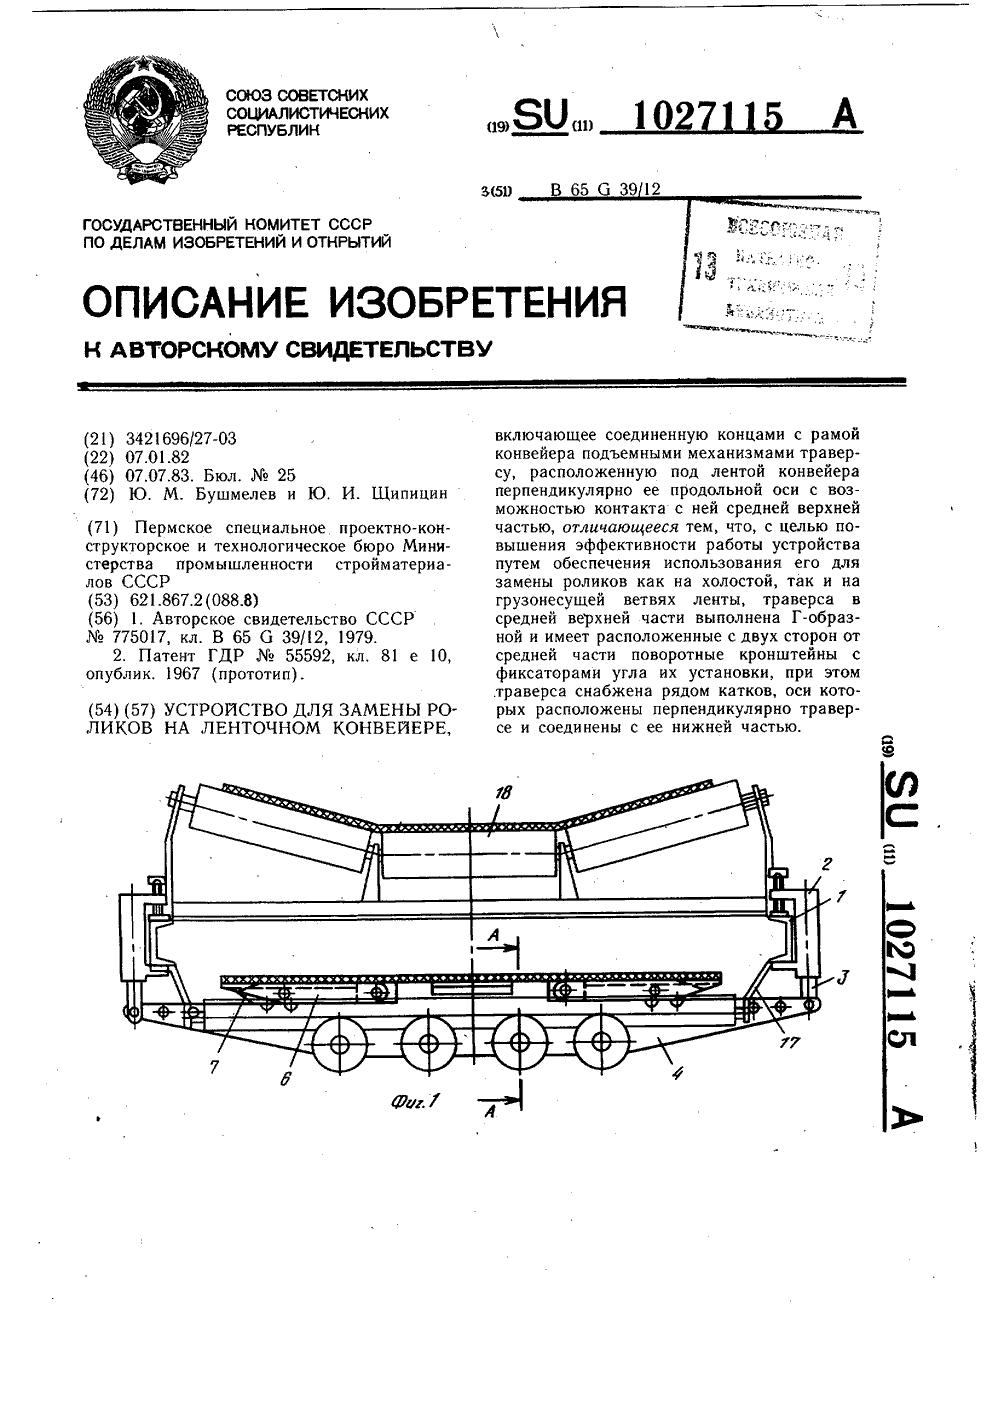 Приспособление для замены роликов конвейера расчет мощности электродвигателя для транспортера